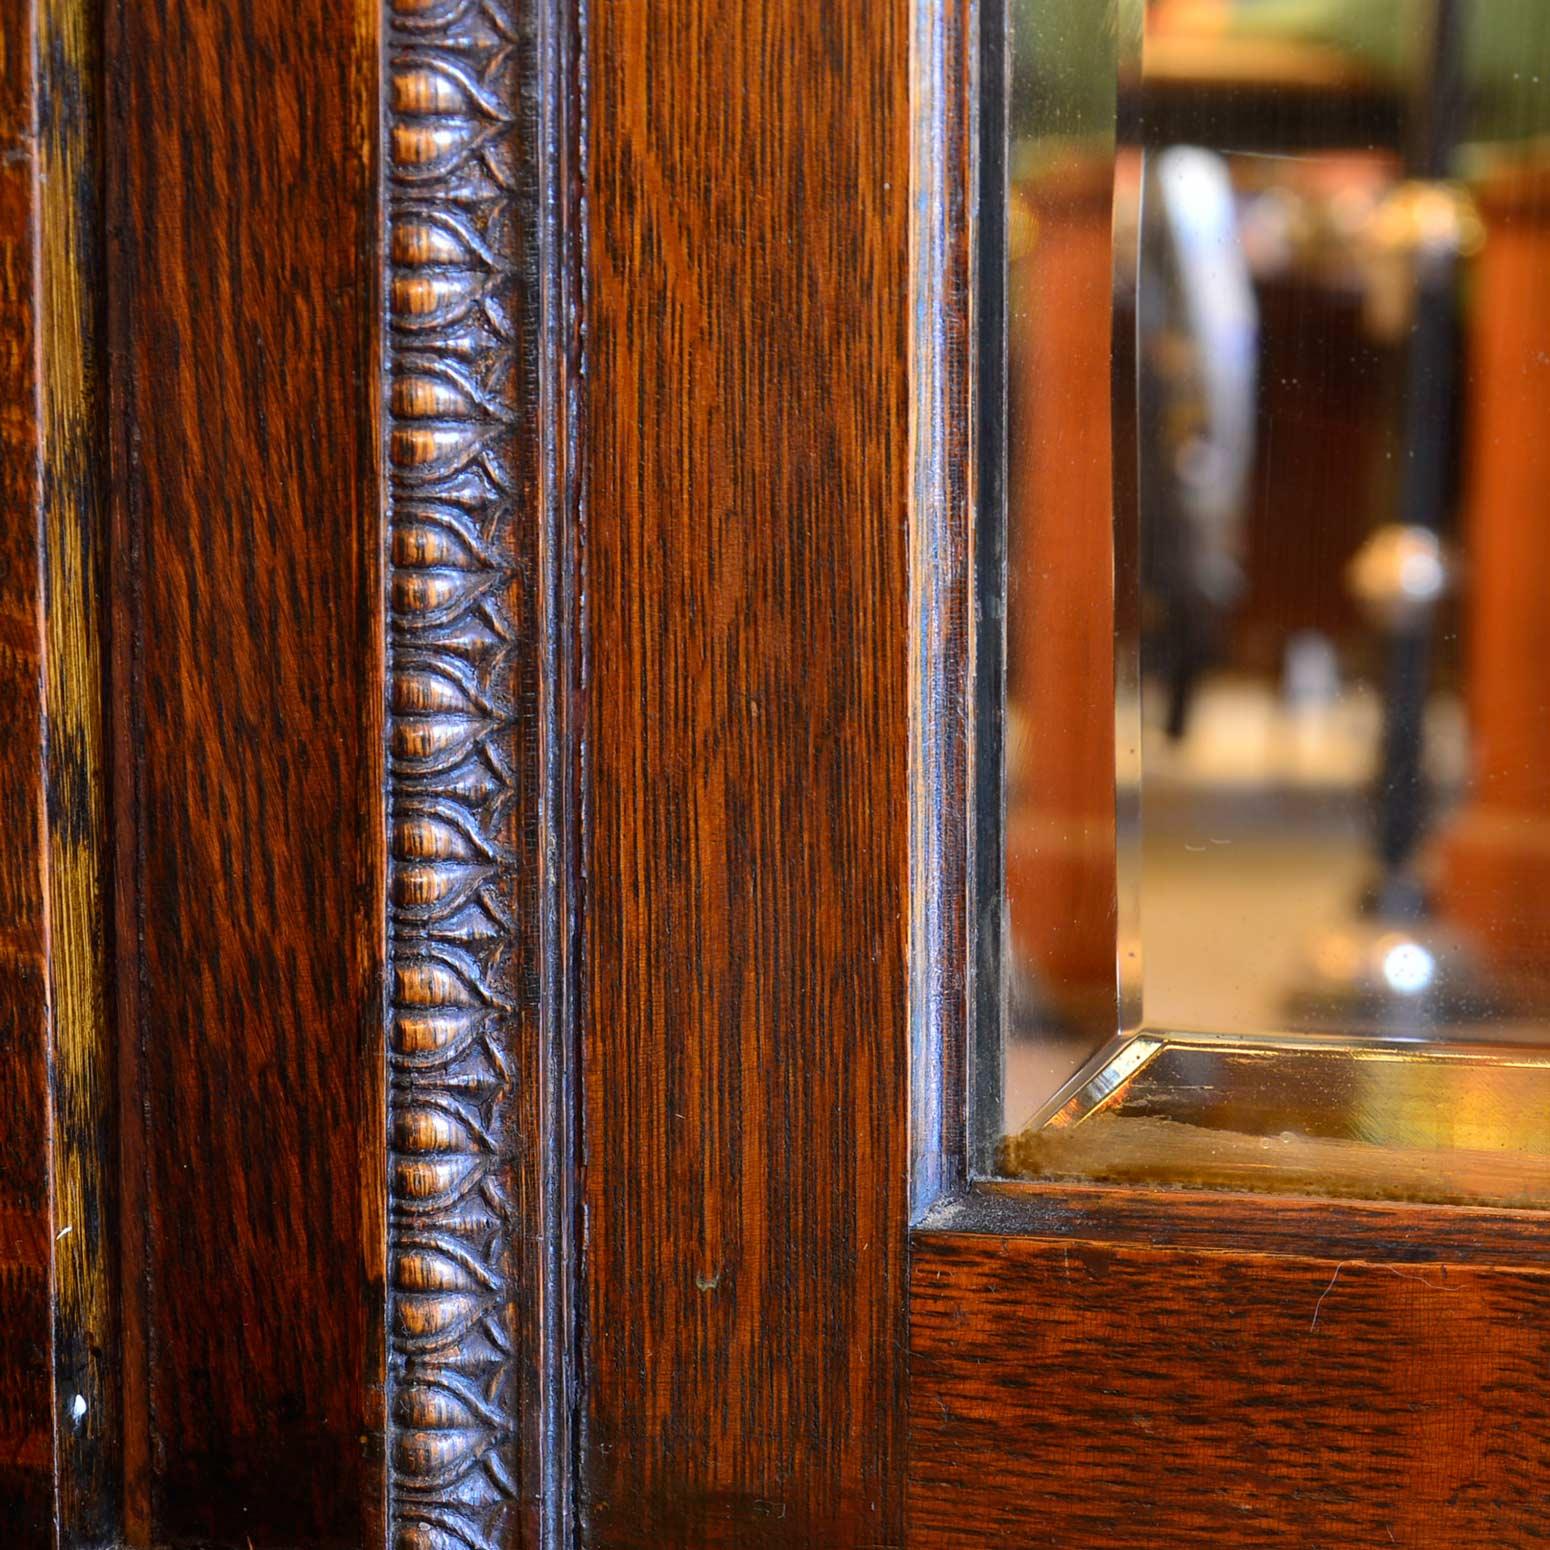 46007-oak-pier-mirror-detail.jpg